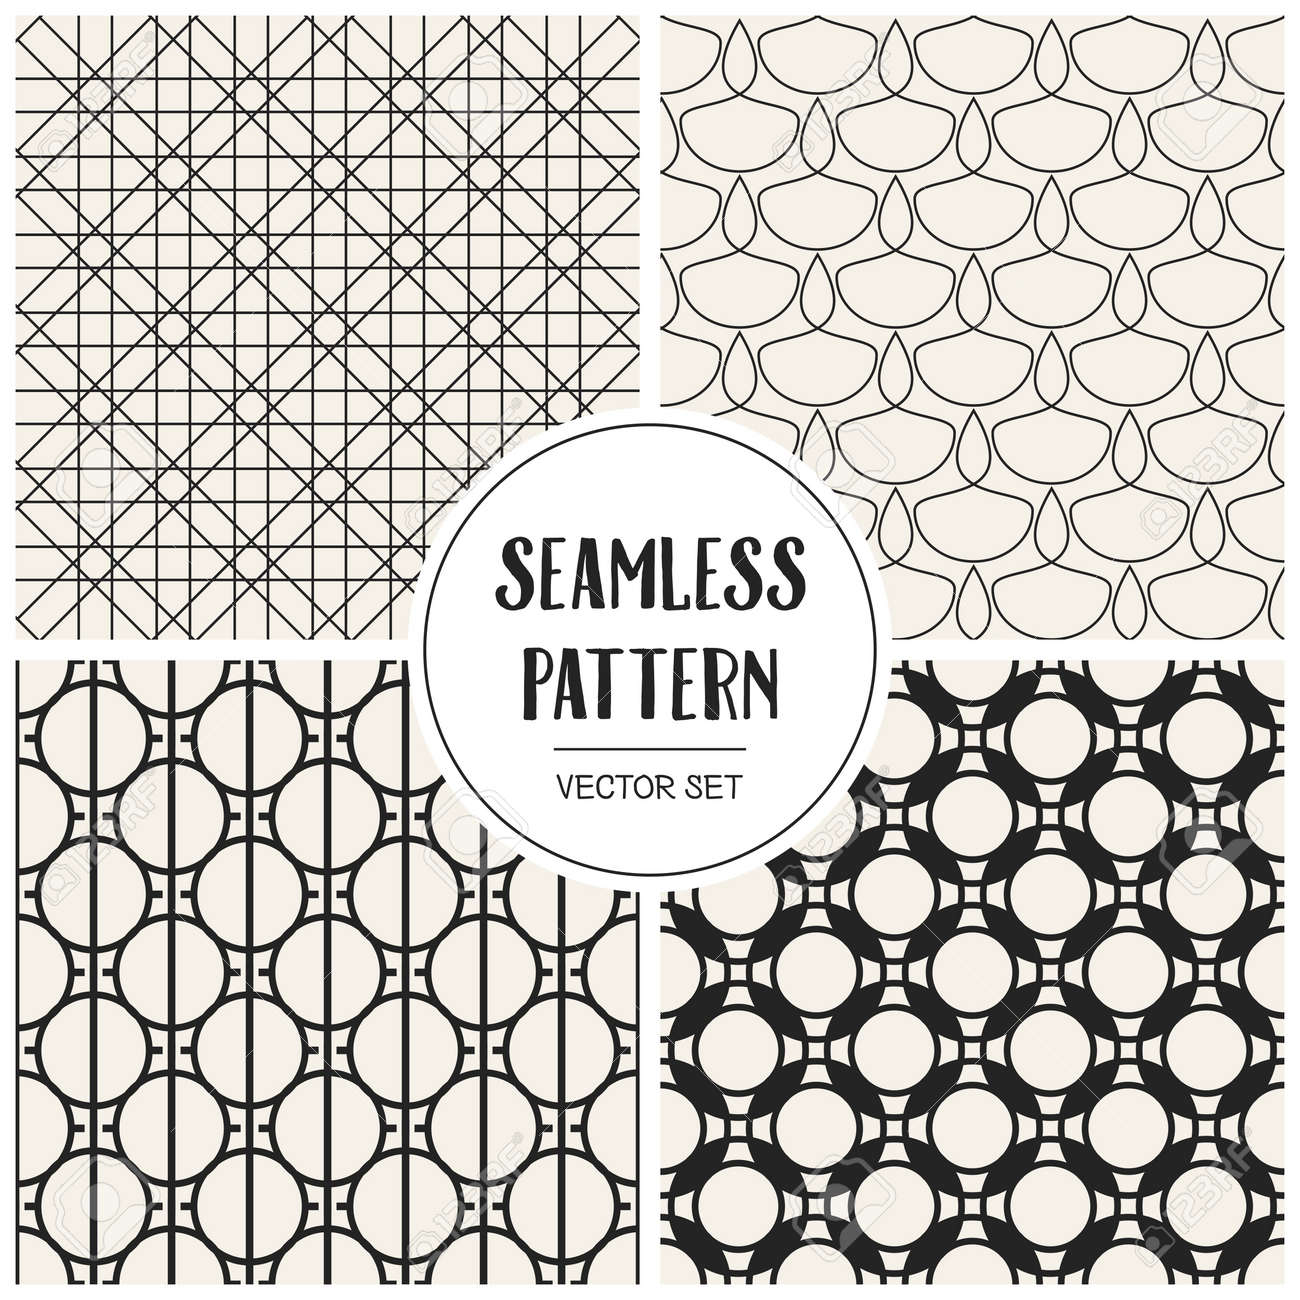 Zusammenfassung Konzept Vektor Monochrome Geometrischen Muster